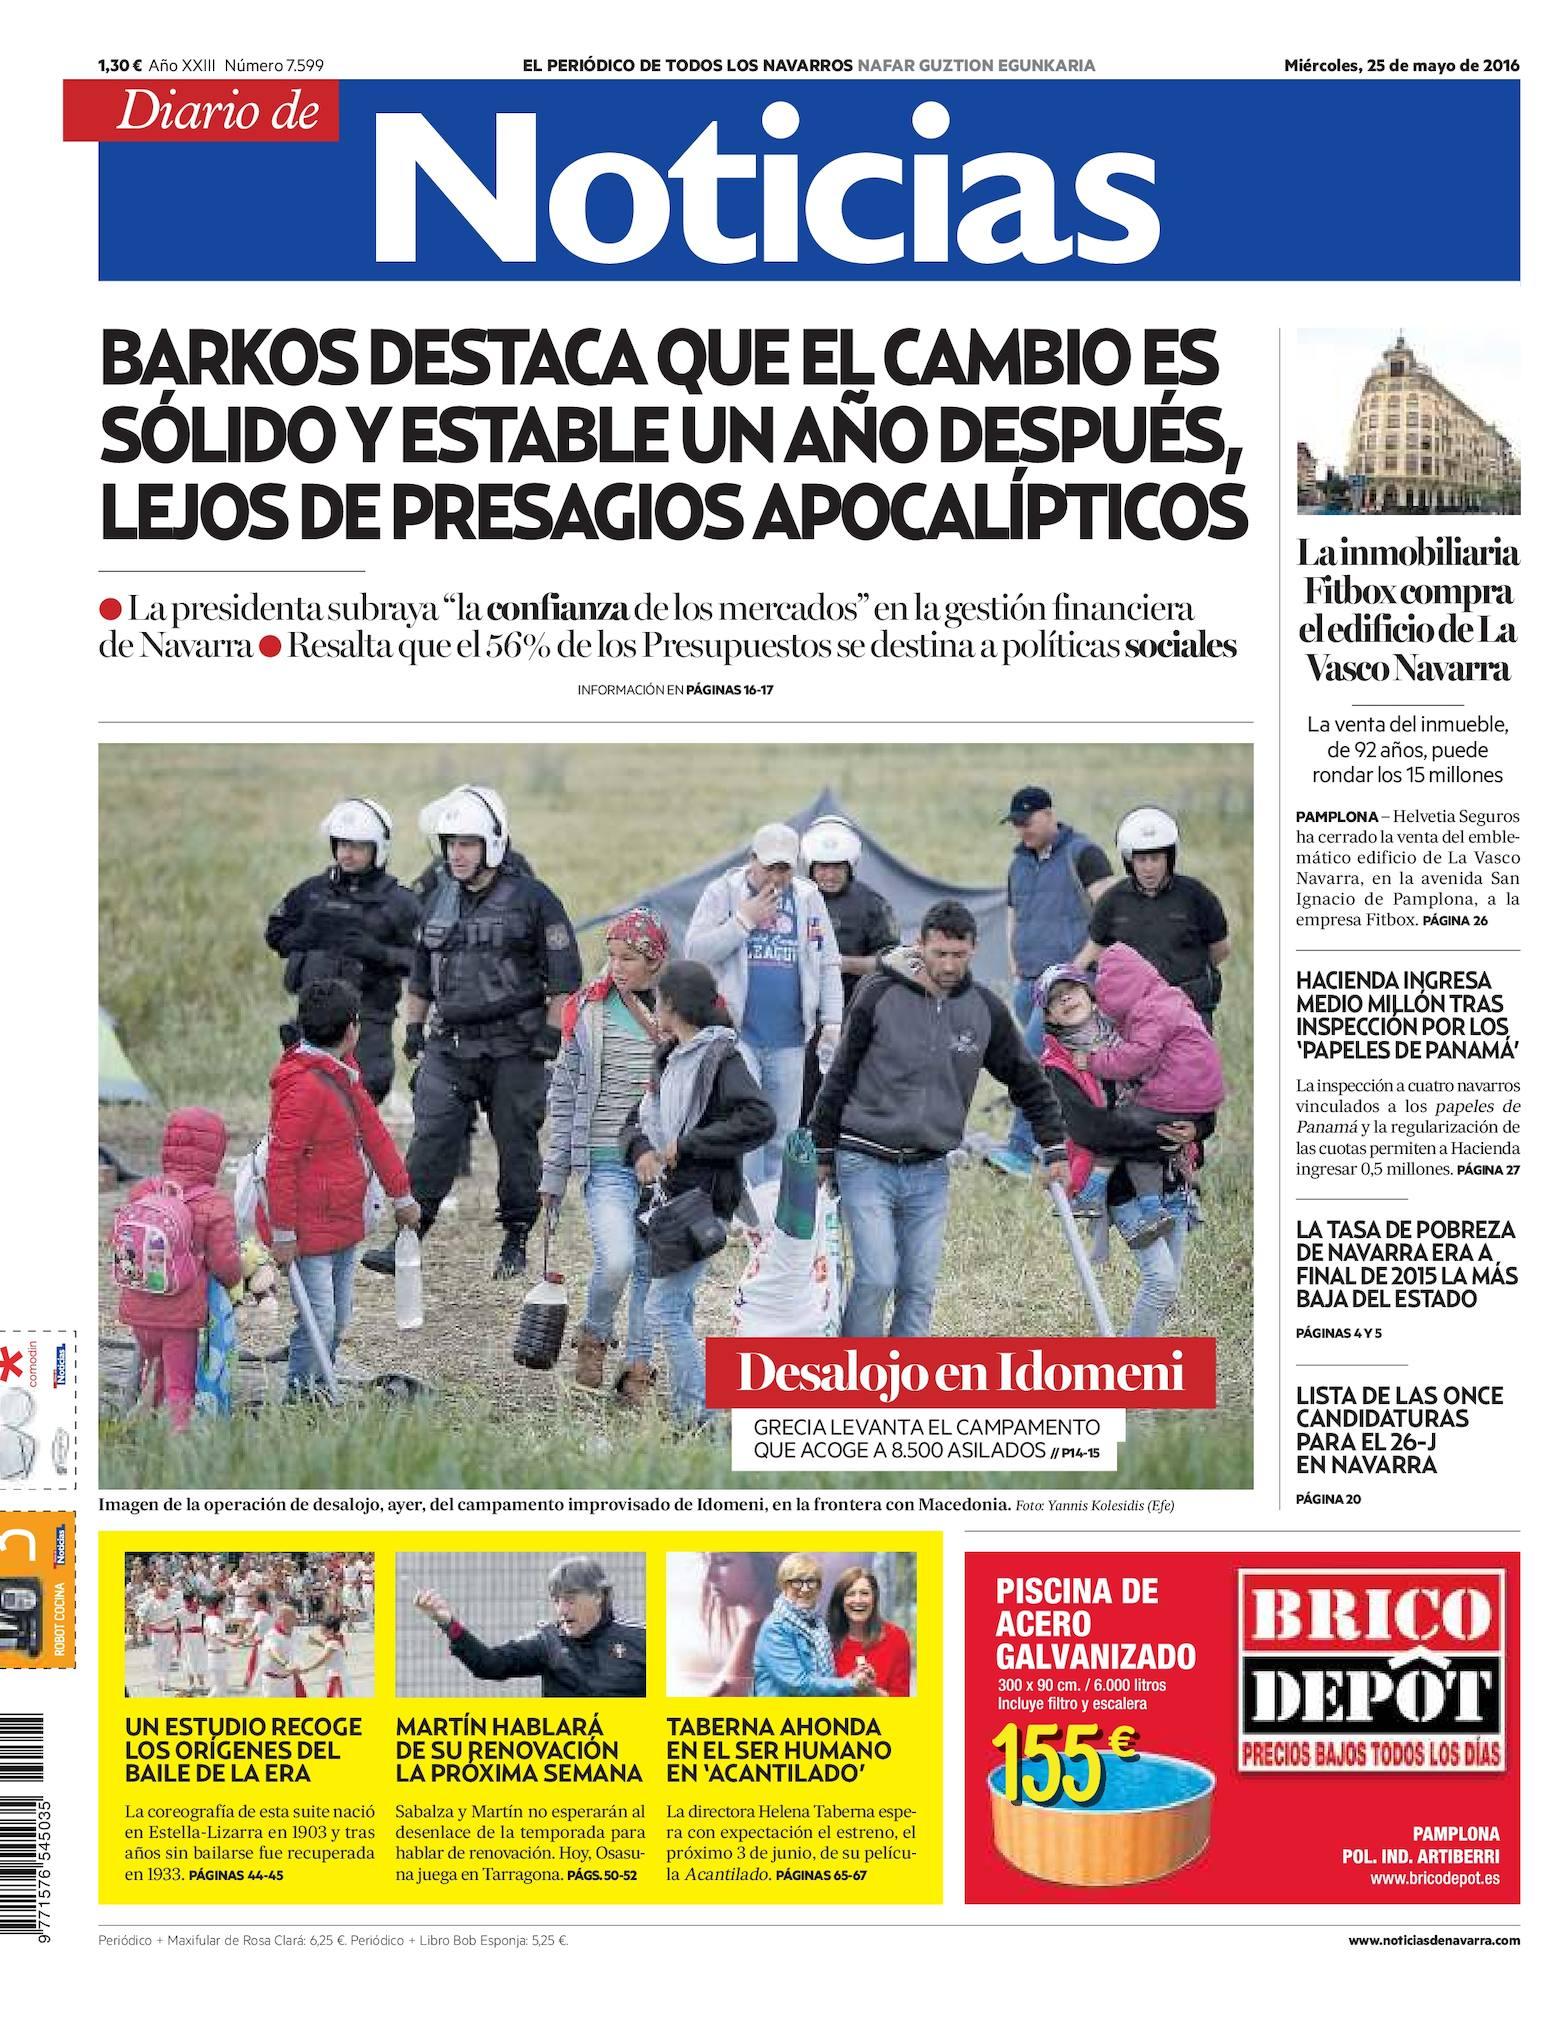 Calaméo - Diario de Noticias 20160525